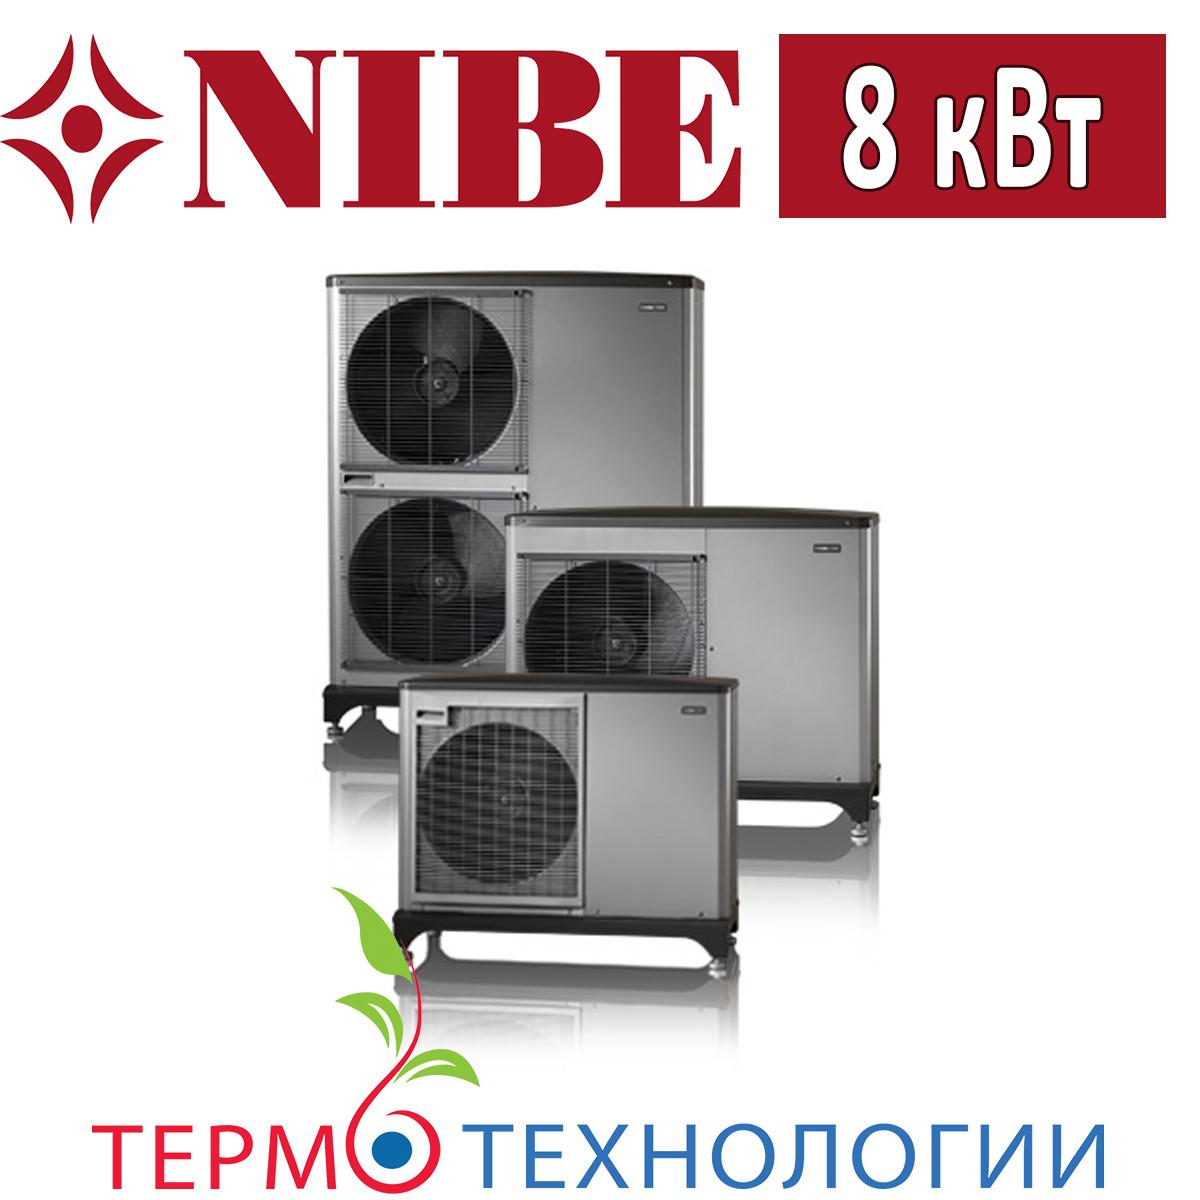 Тепловой насос воздух-вода Nibe F-2040 8 кВт